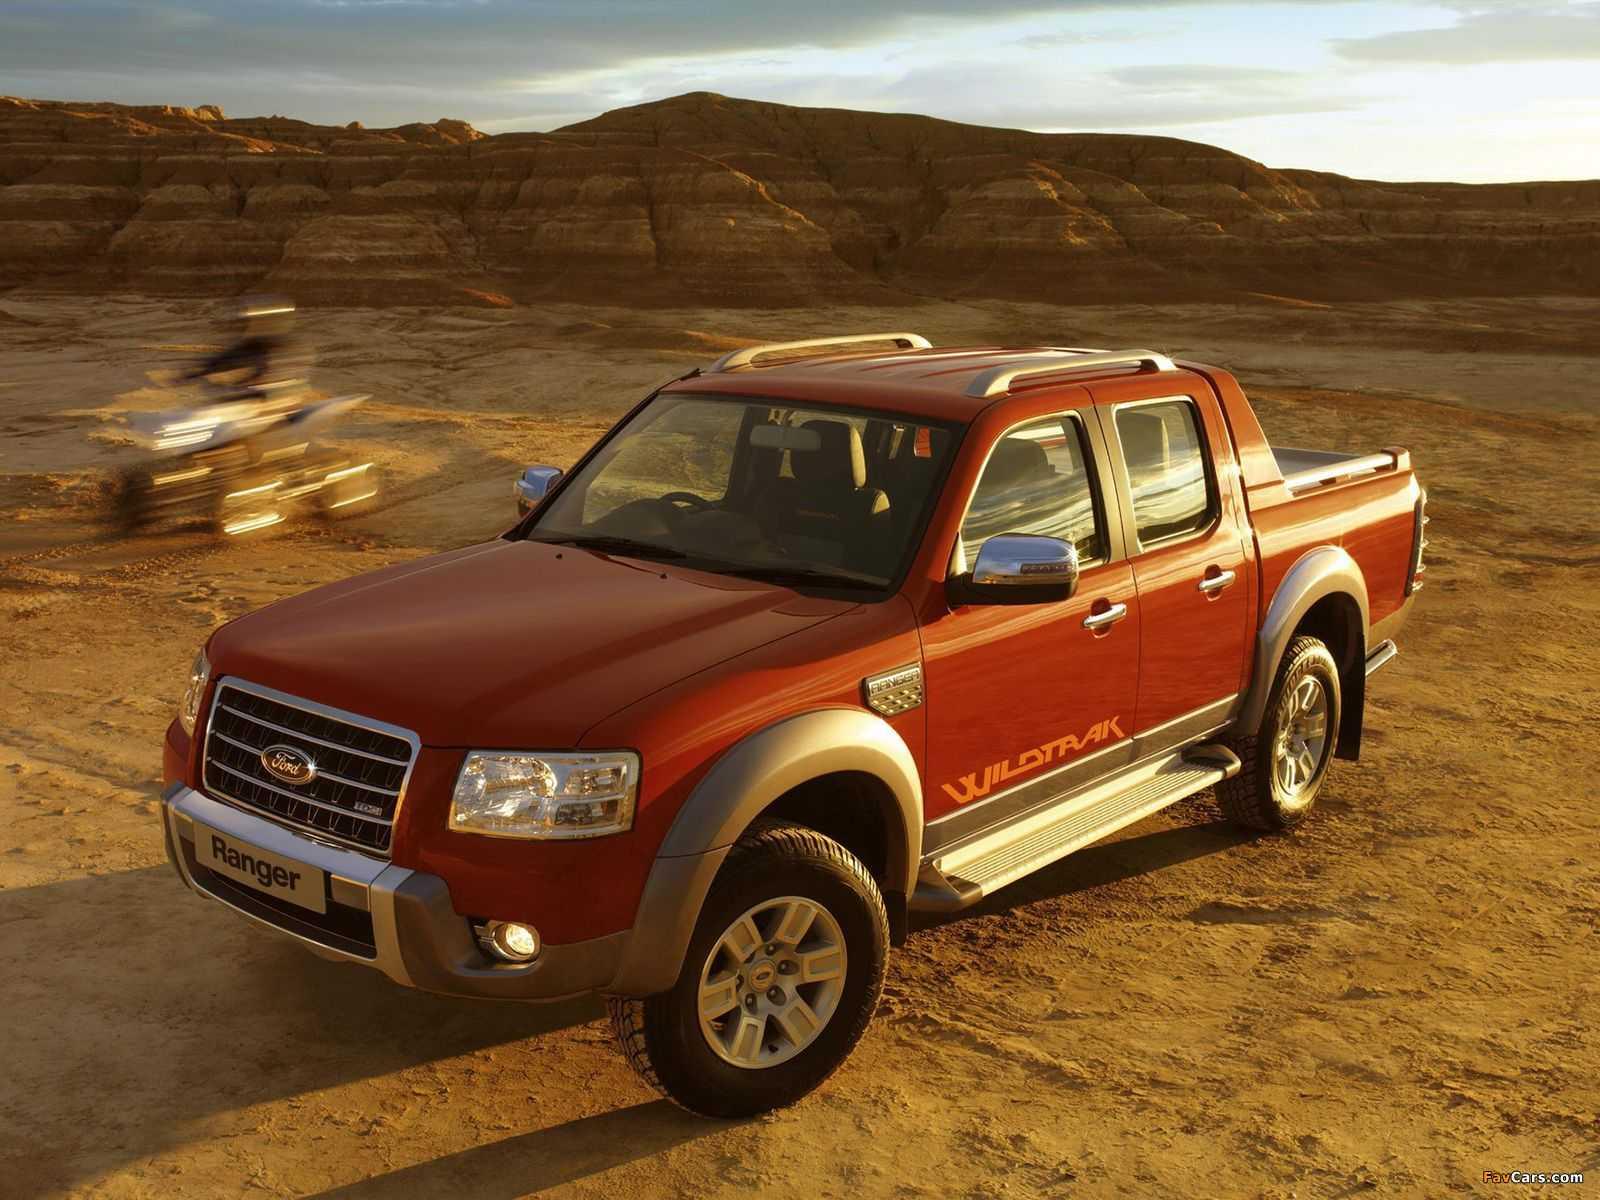 Ford ranger 2019-2020 цена, технические характеристики, фото, видео тест-драйв